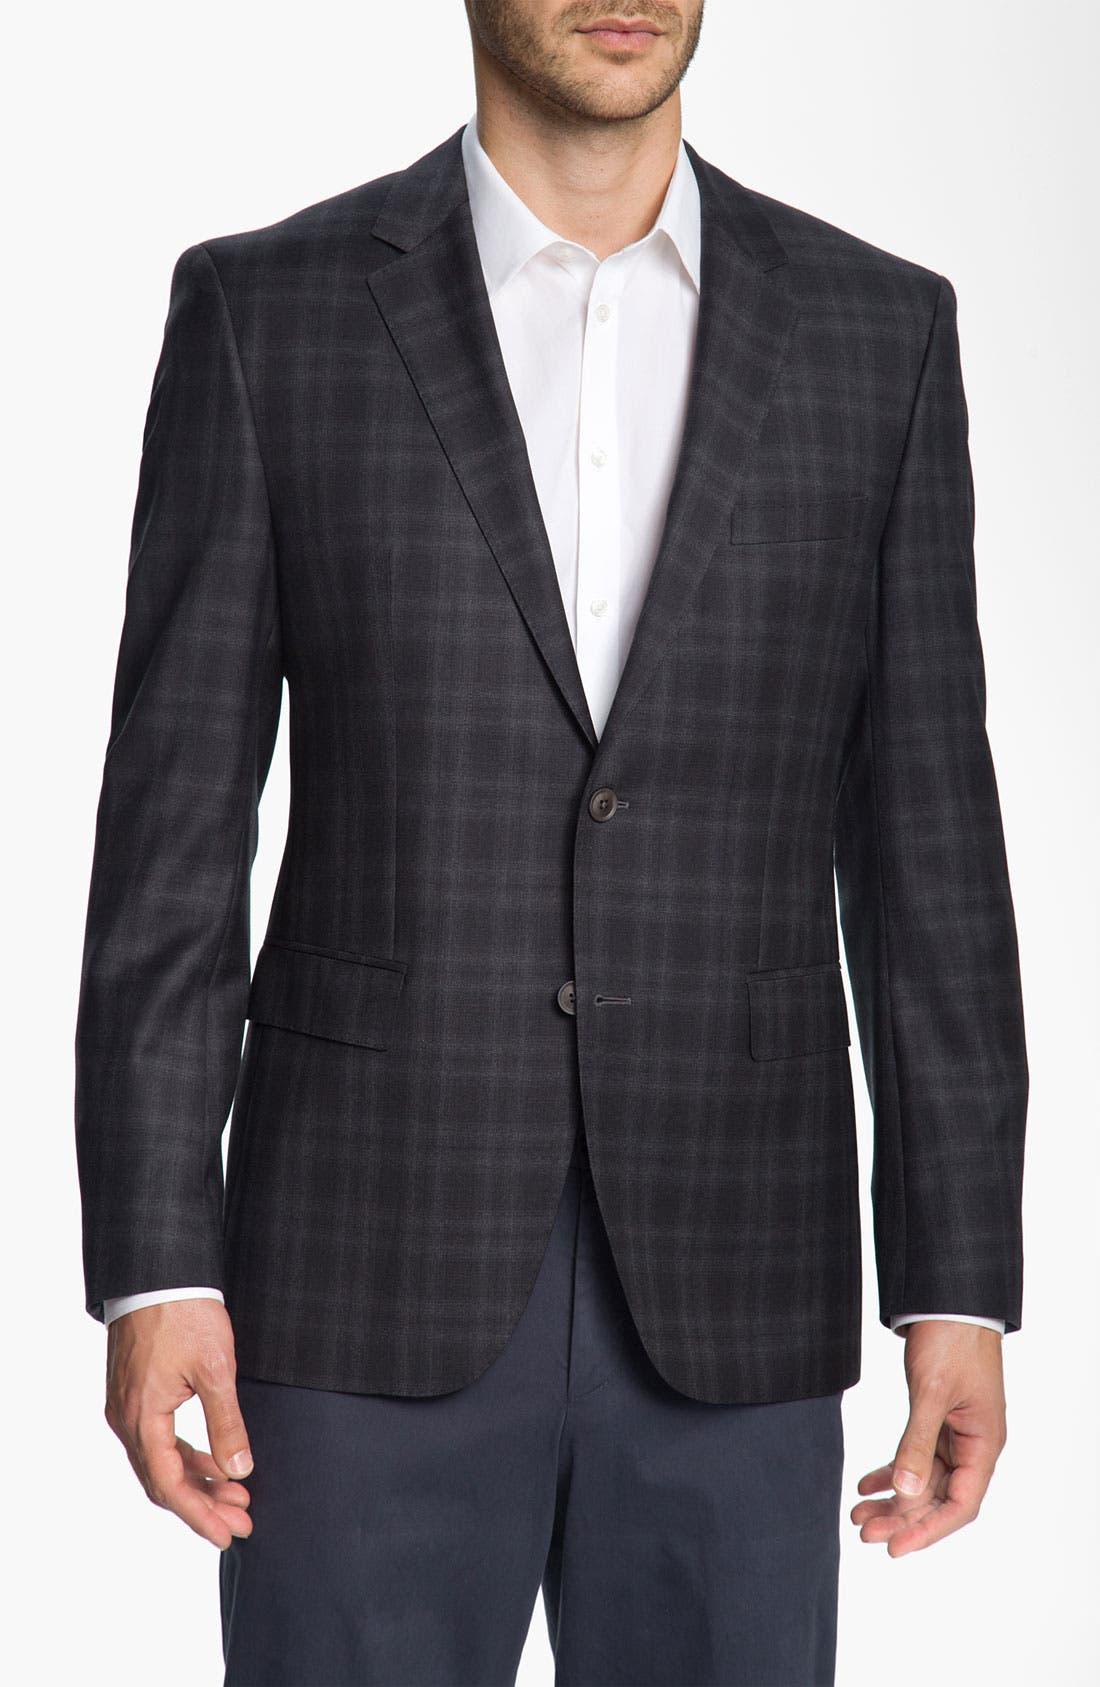 Alternate Image 1 Selected - BOSS Black 'Keys' Sportcoat